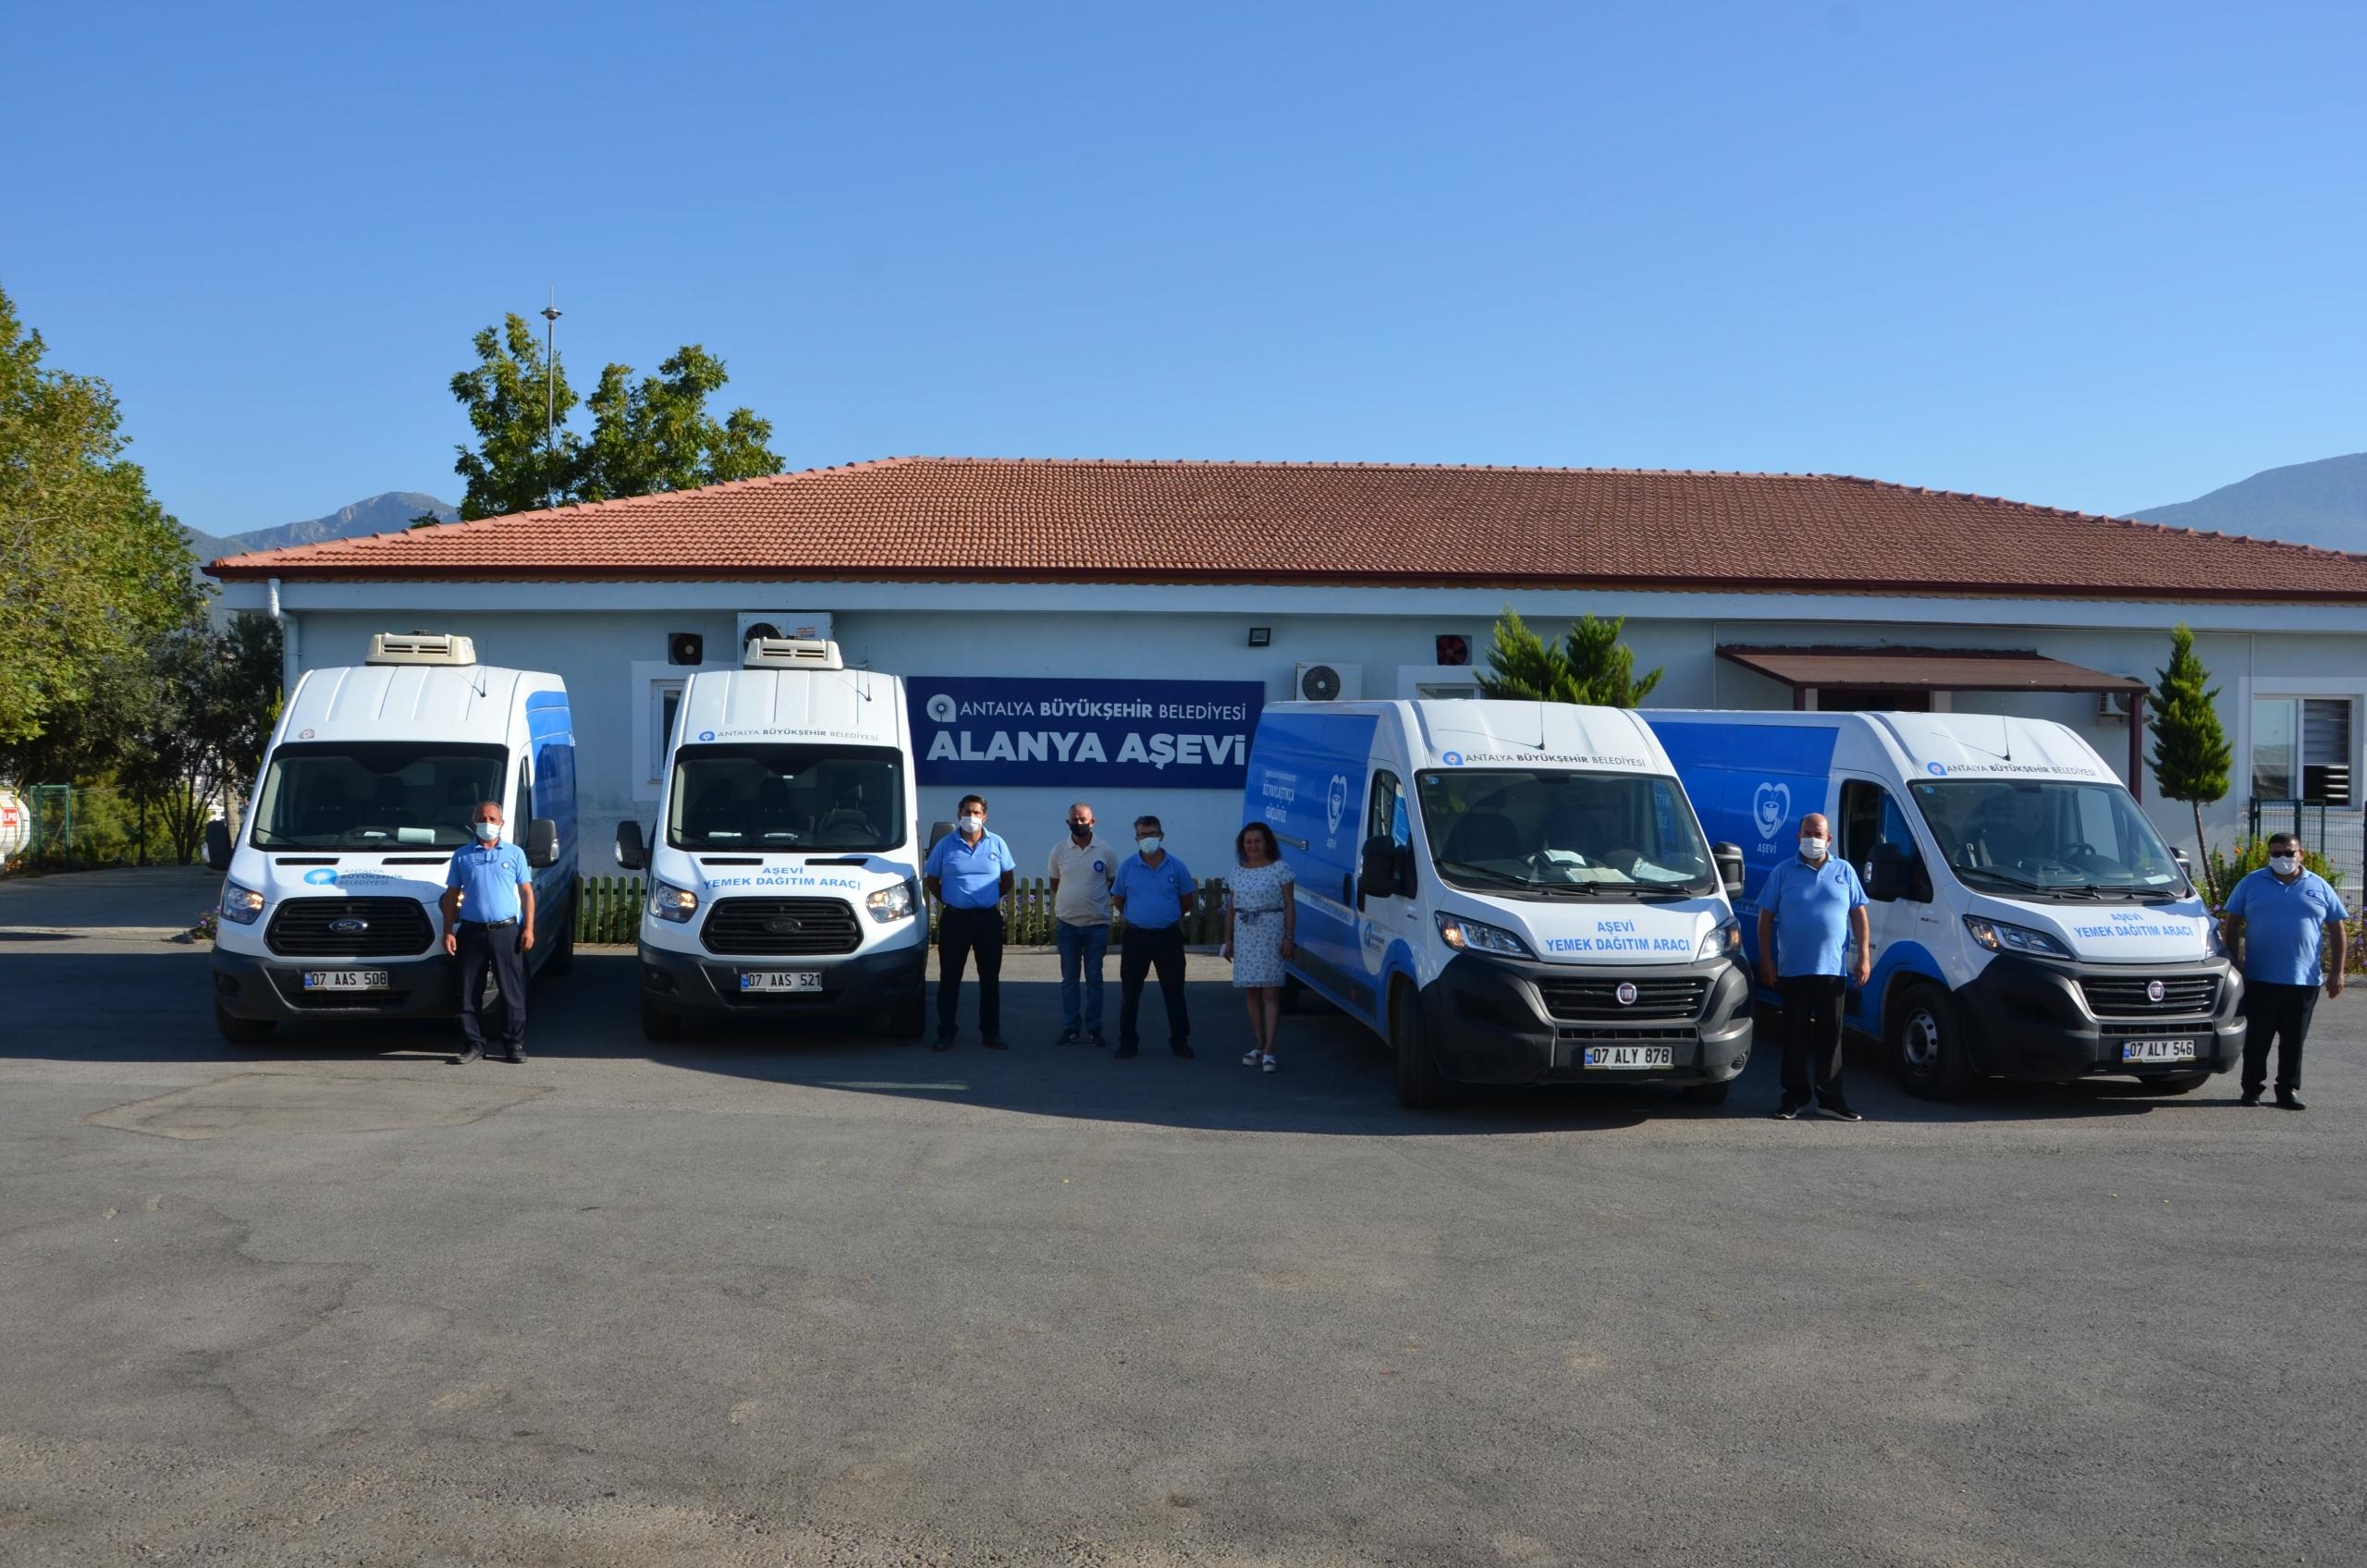 Alanyalı çocuklar için Ekim ayı içinde 5 bin 768 litre süt dağıtımı gerçekleştirildi